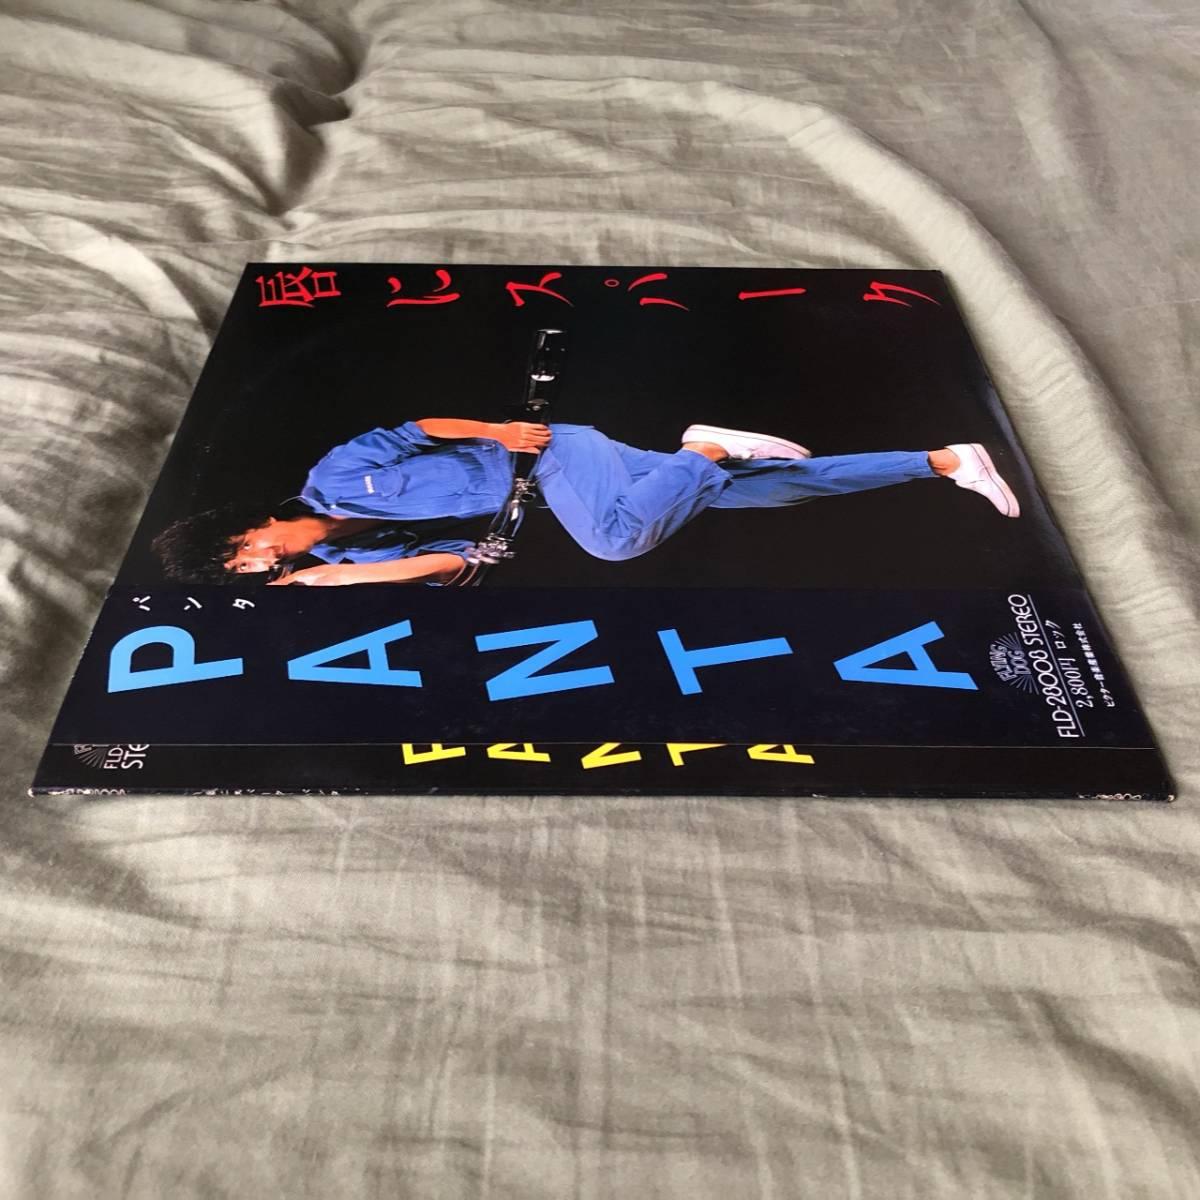 149 パンタ Panta 1982年 LPレコード 唇にスパーク Kuchibiruni Spark 中古美盤 国内盤 帯付 Japanese rock 東京ロッカーズ 頭脳警察_パンタ